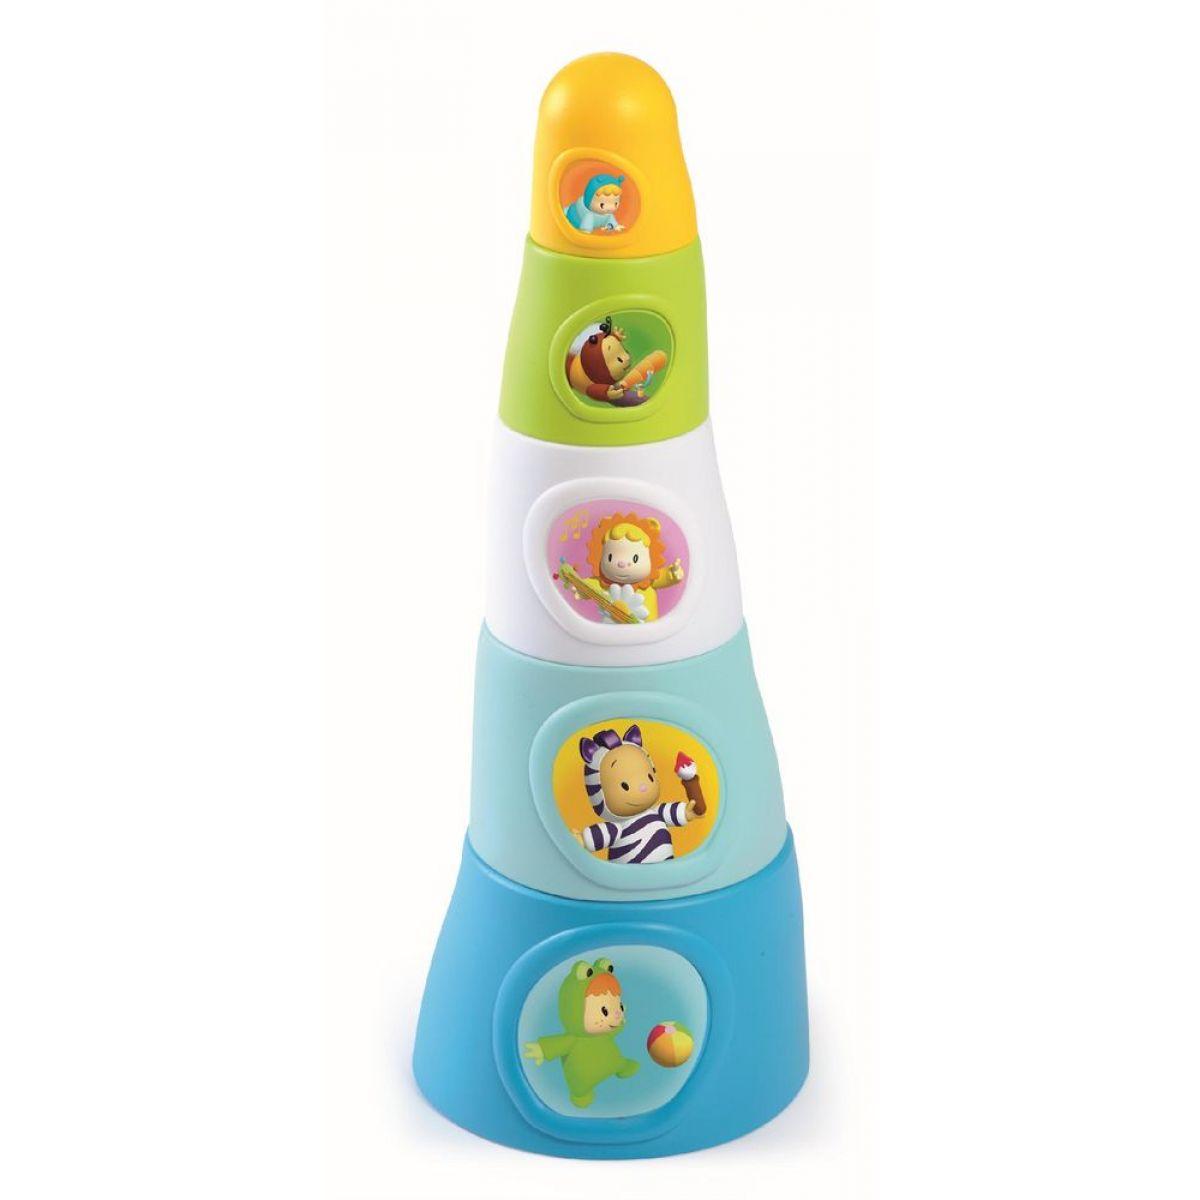 Smoby Cotoons pyramida Happy Tower 15*11 cm